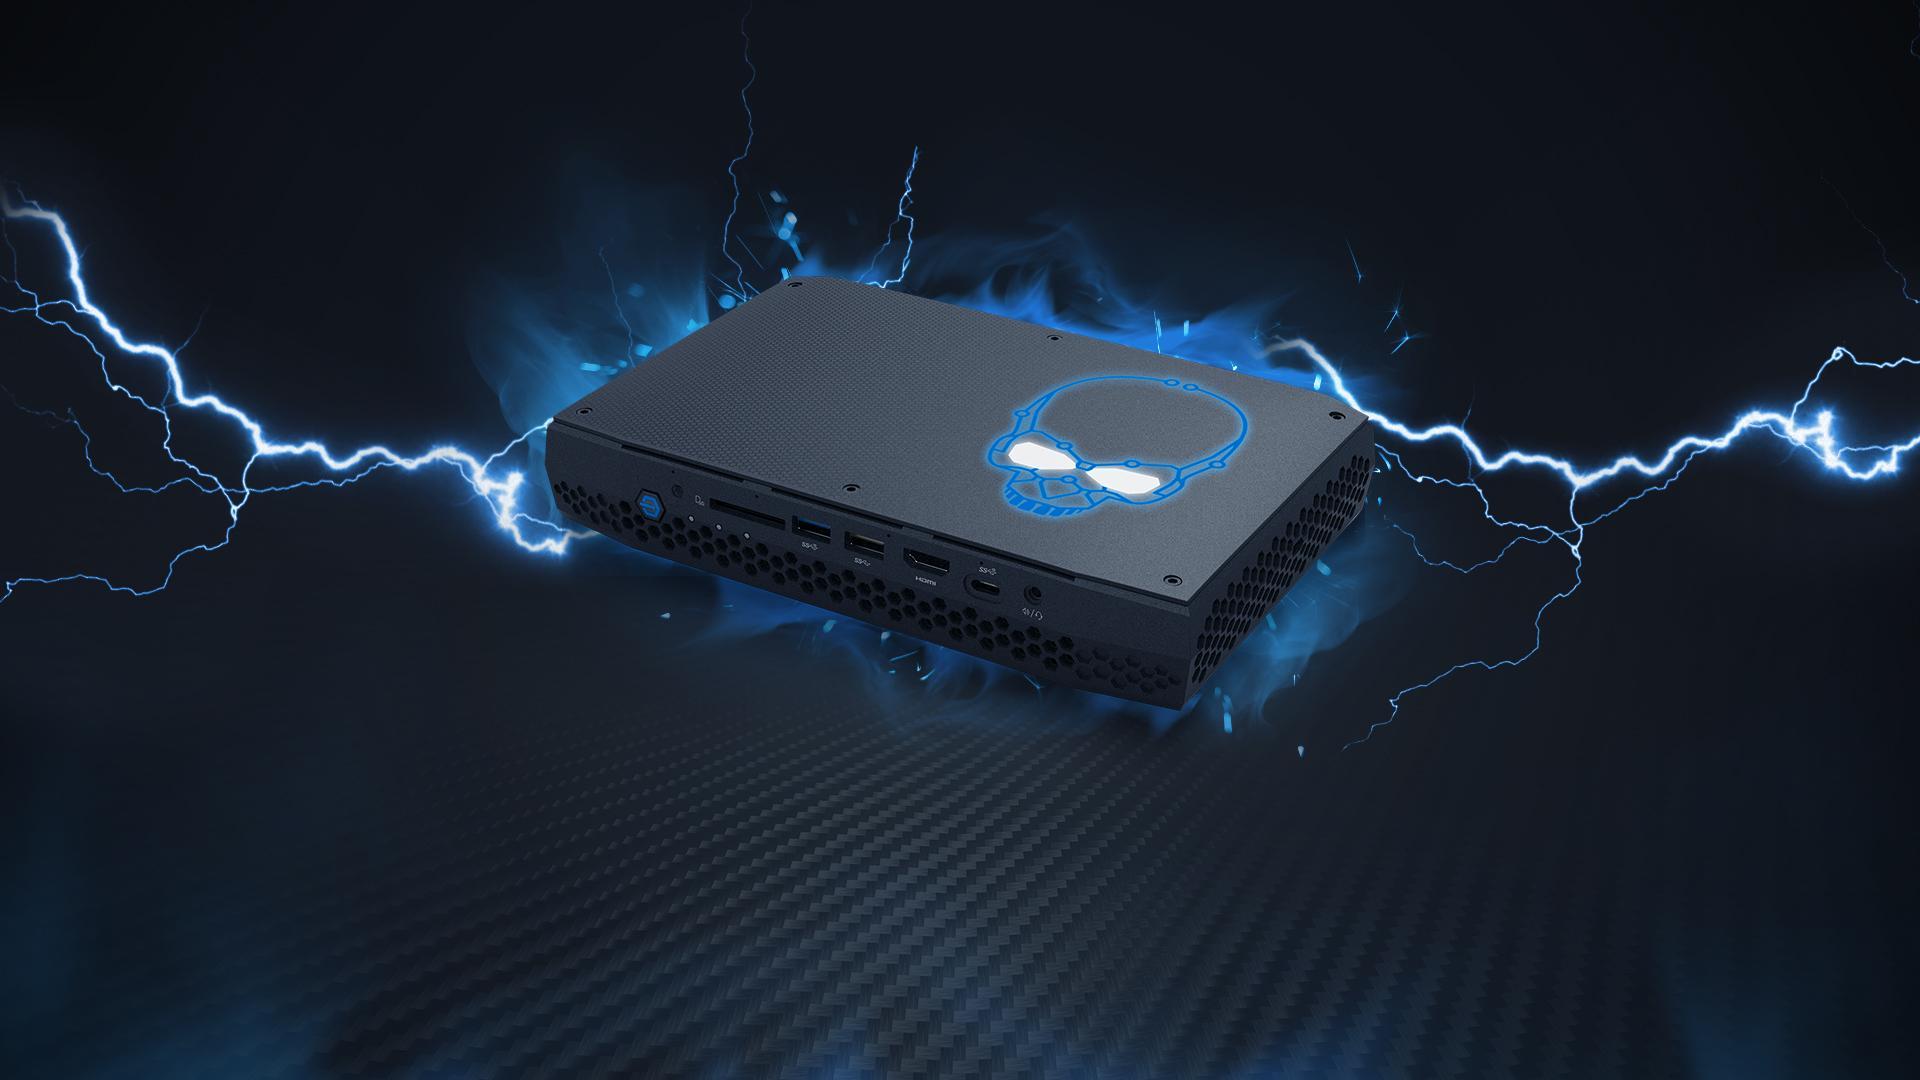 Intels 10 nm Tiger Lake-U CPU zeigt sich im NUC 11 Extreme mit bis zu 4,4 GHz Boost und NVIDIAs GeForce GTX 1660 Ti als 80W Notebook-Grafik auch